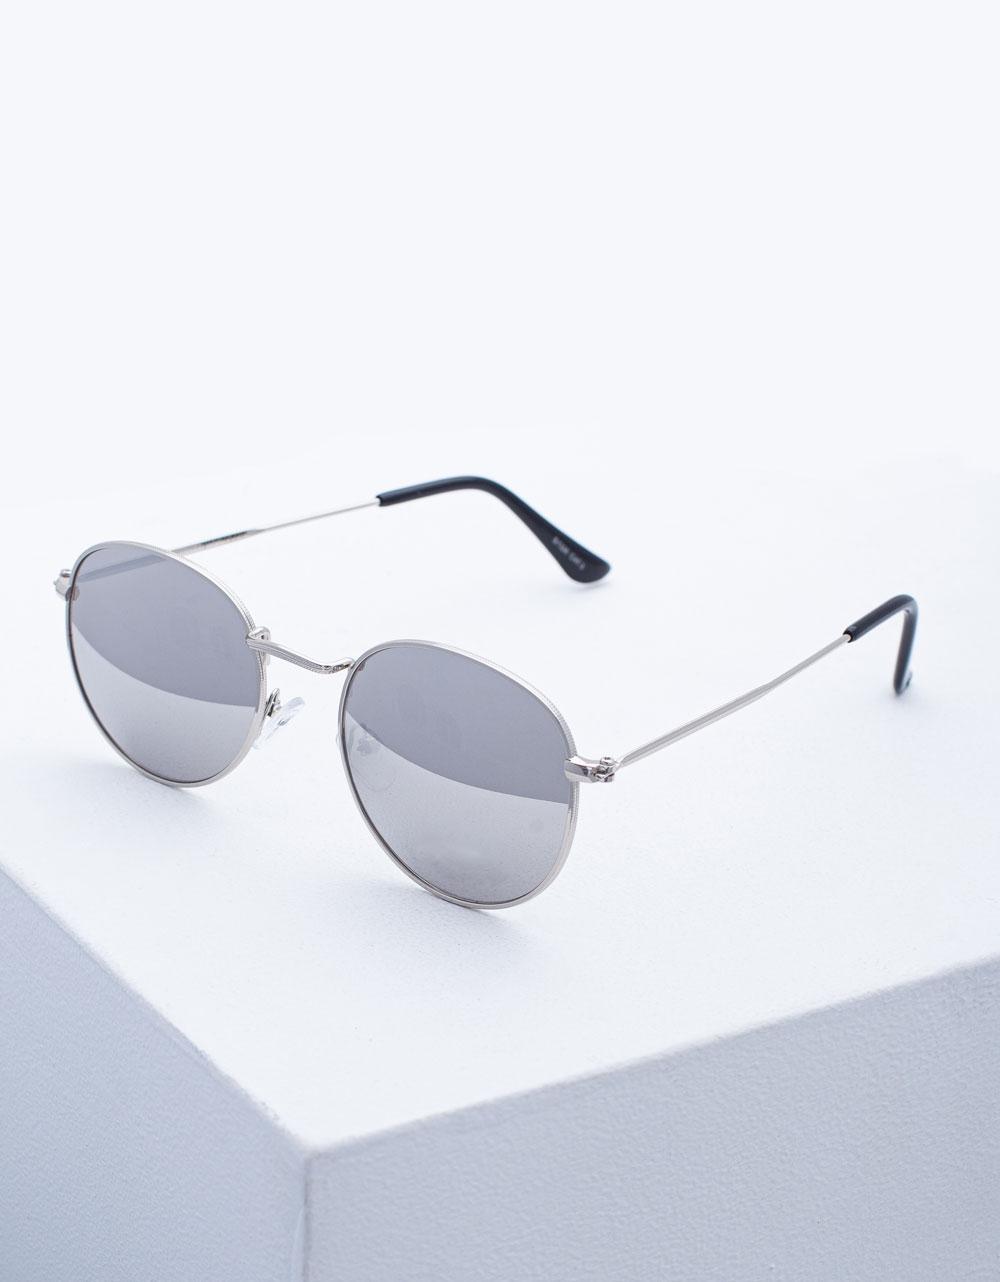 Εικόνα από Γυναικεία γυαλιά ηλίου με χρωματιστούς φακούς Ασημί